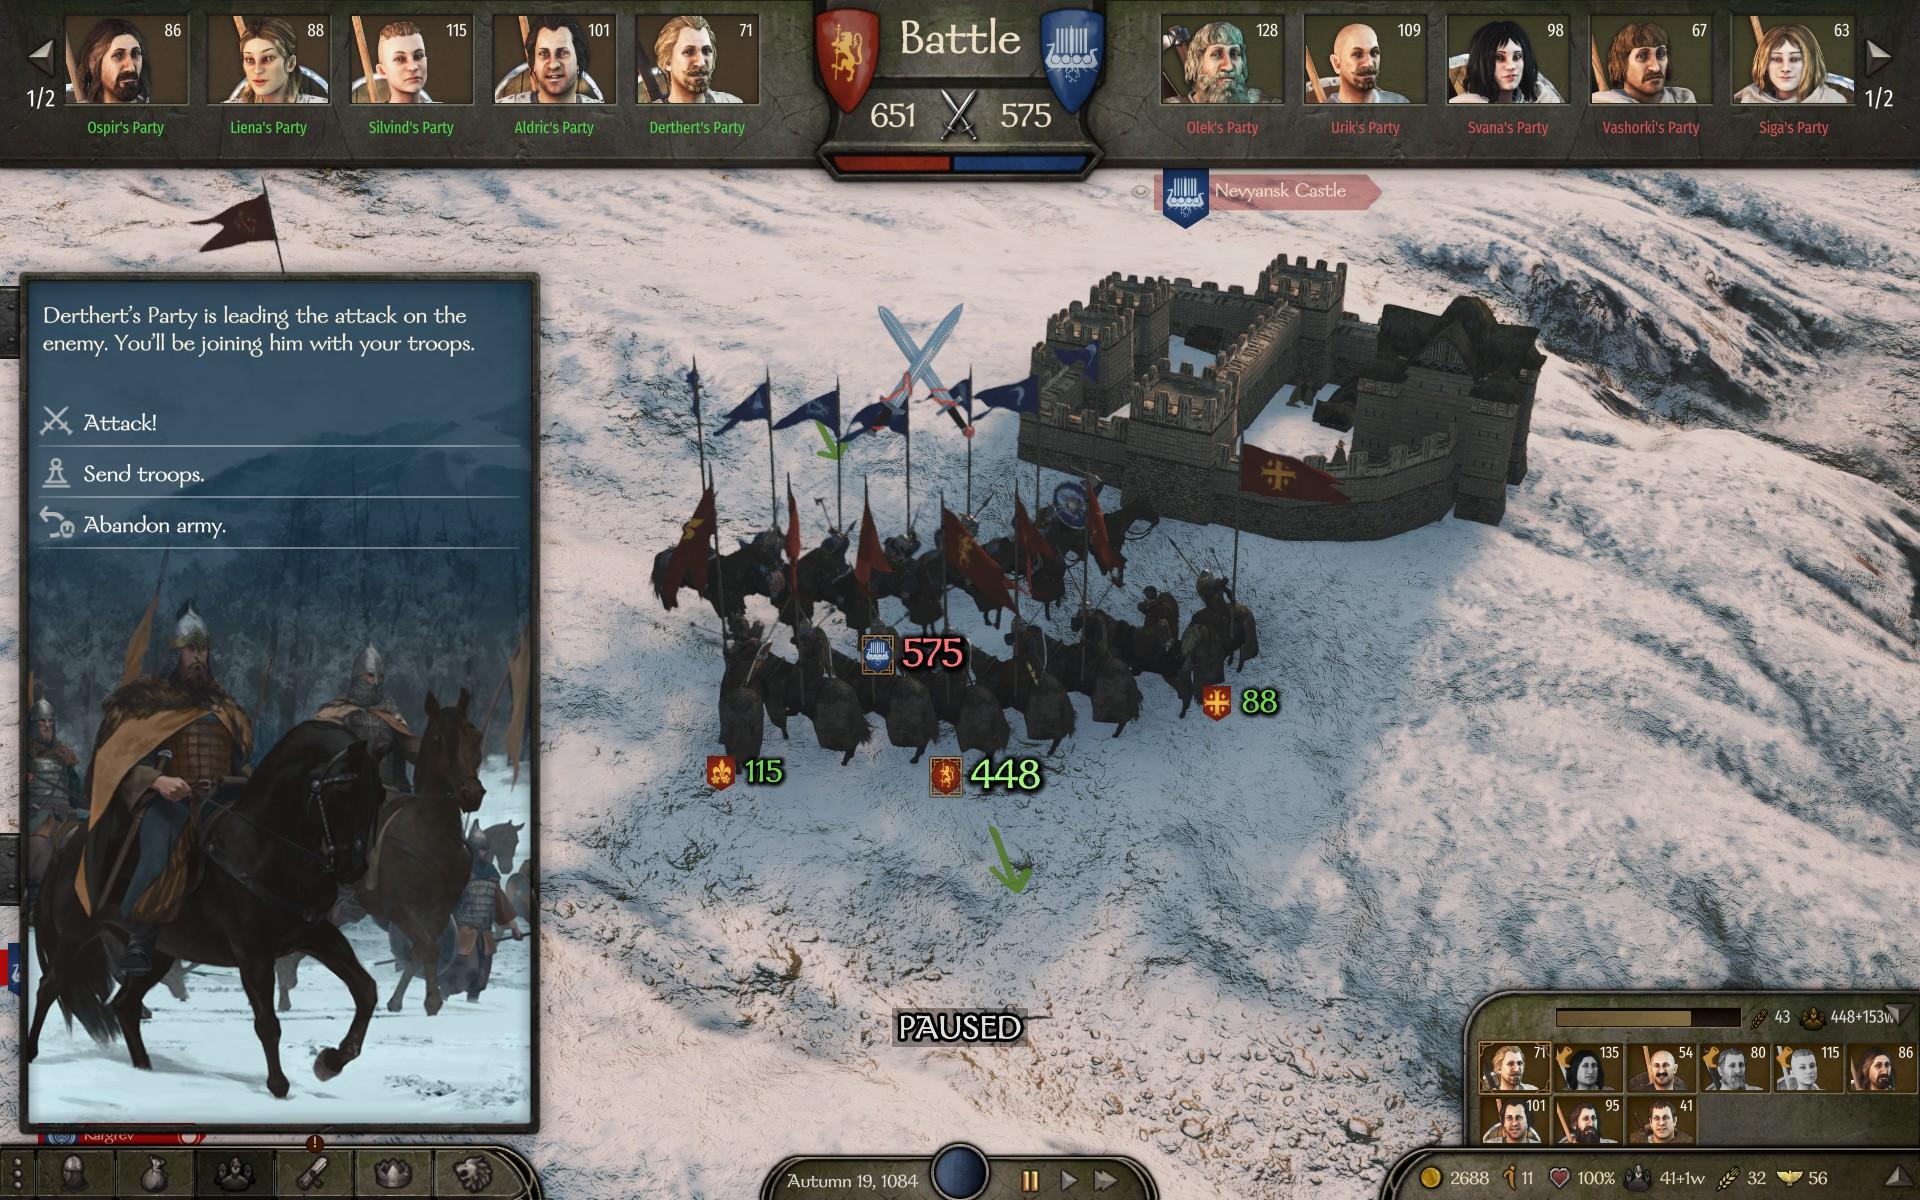 Obrázek: První dojmy. Mount&Blade: Bannerlord je Warband shezčí grafikou